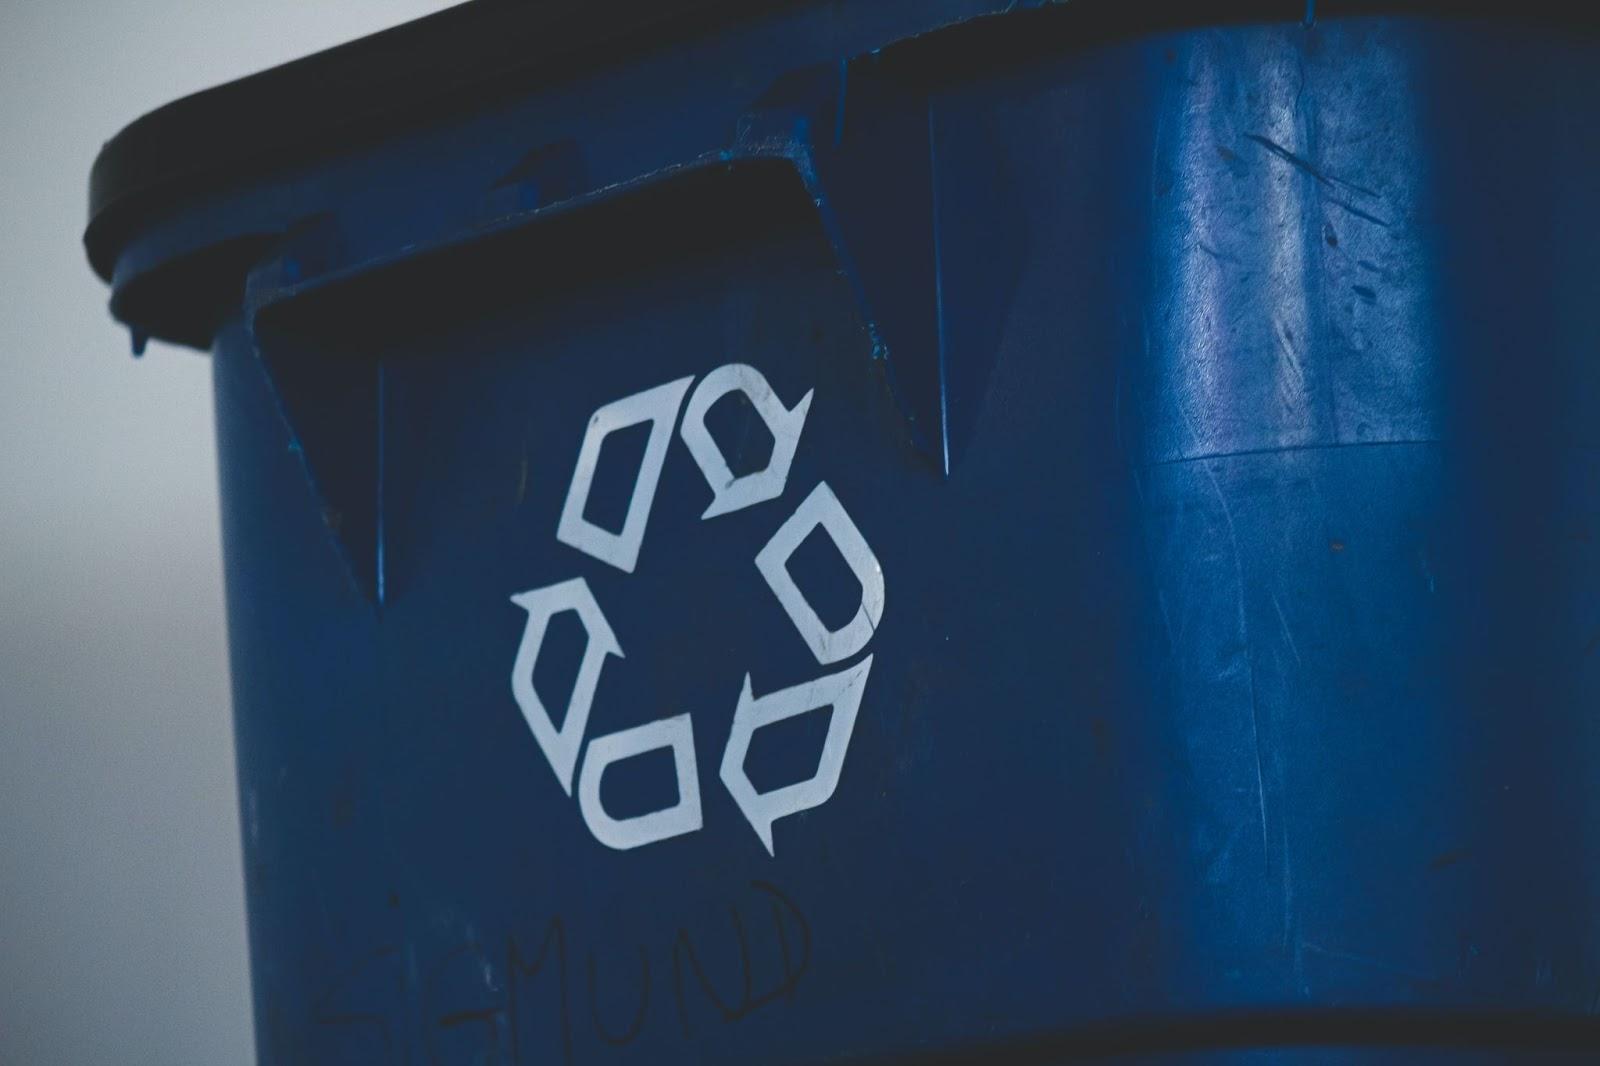 Logo de recyclage en gros plan sur une poubelle.